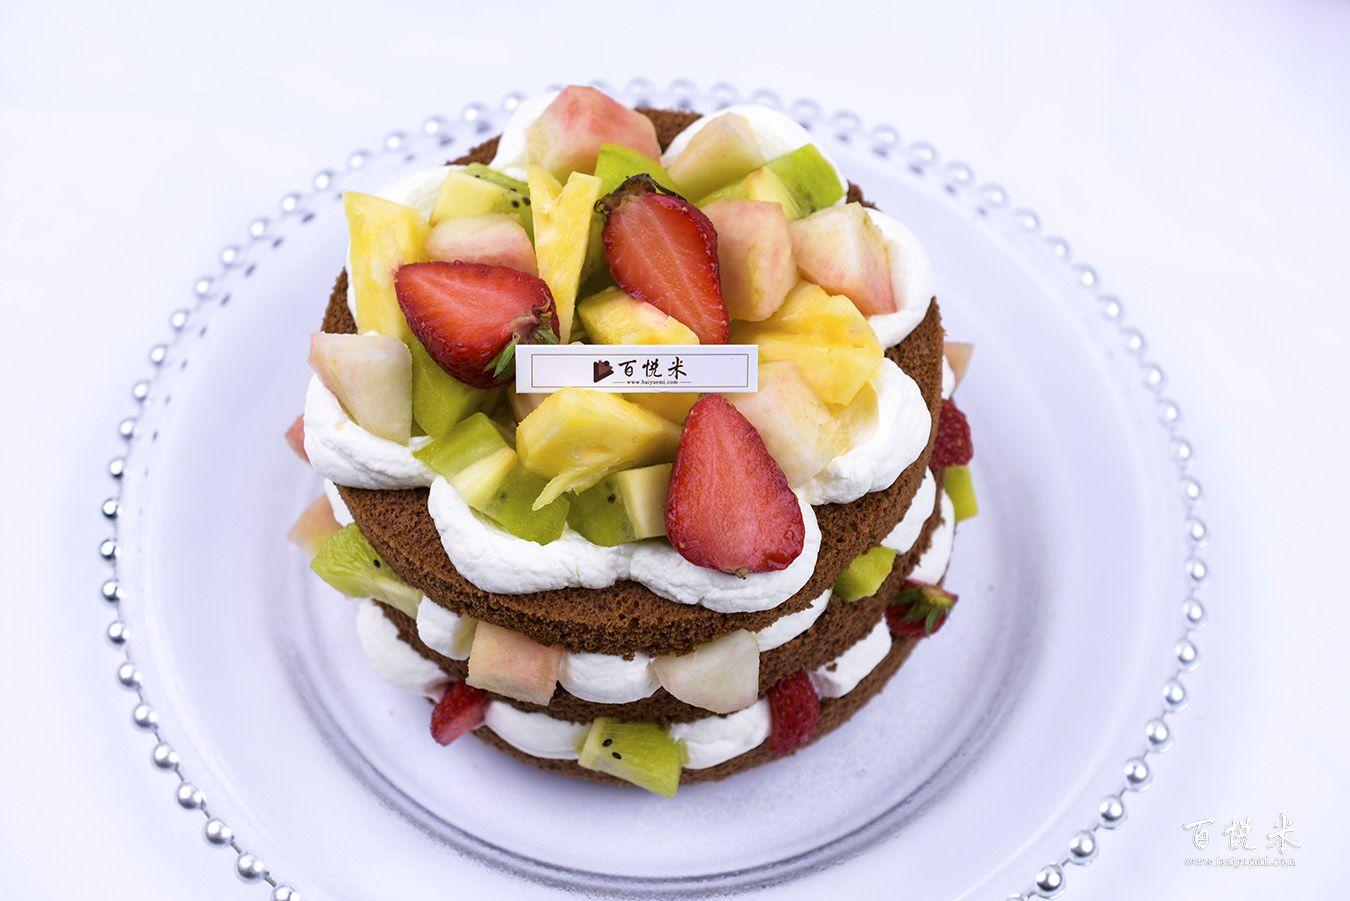 巧克力裸蛋糕高清图片大全【蛋糕图片】_1121